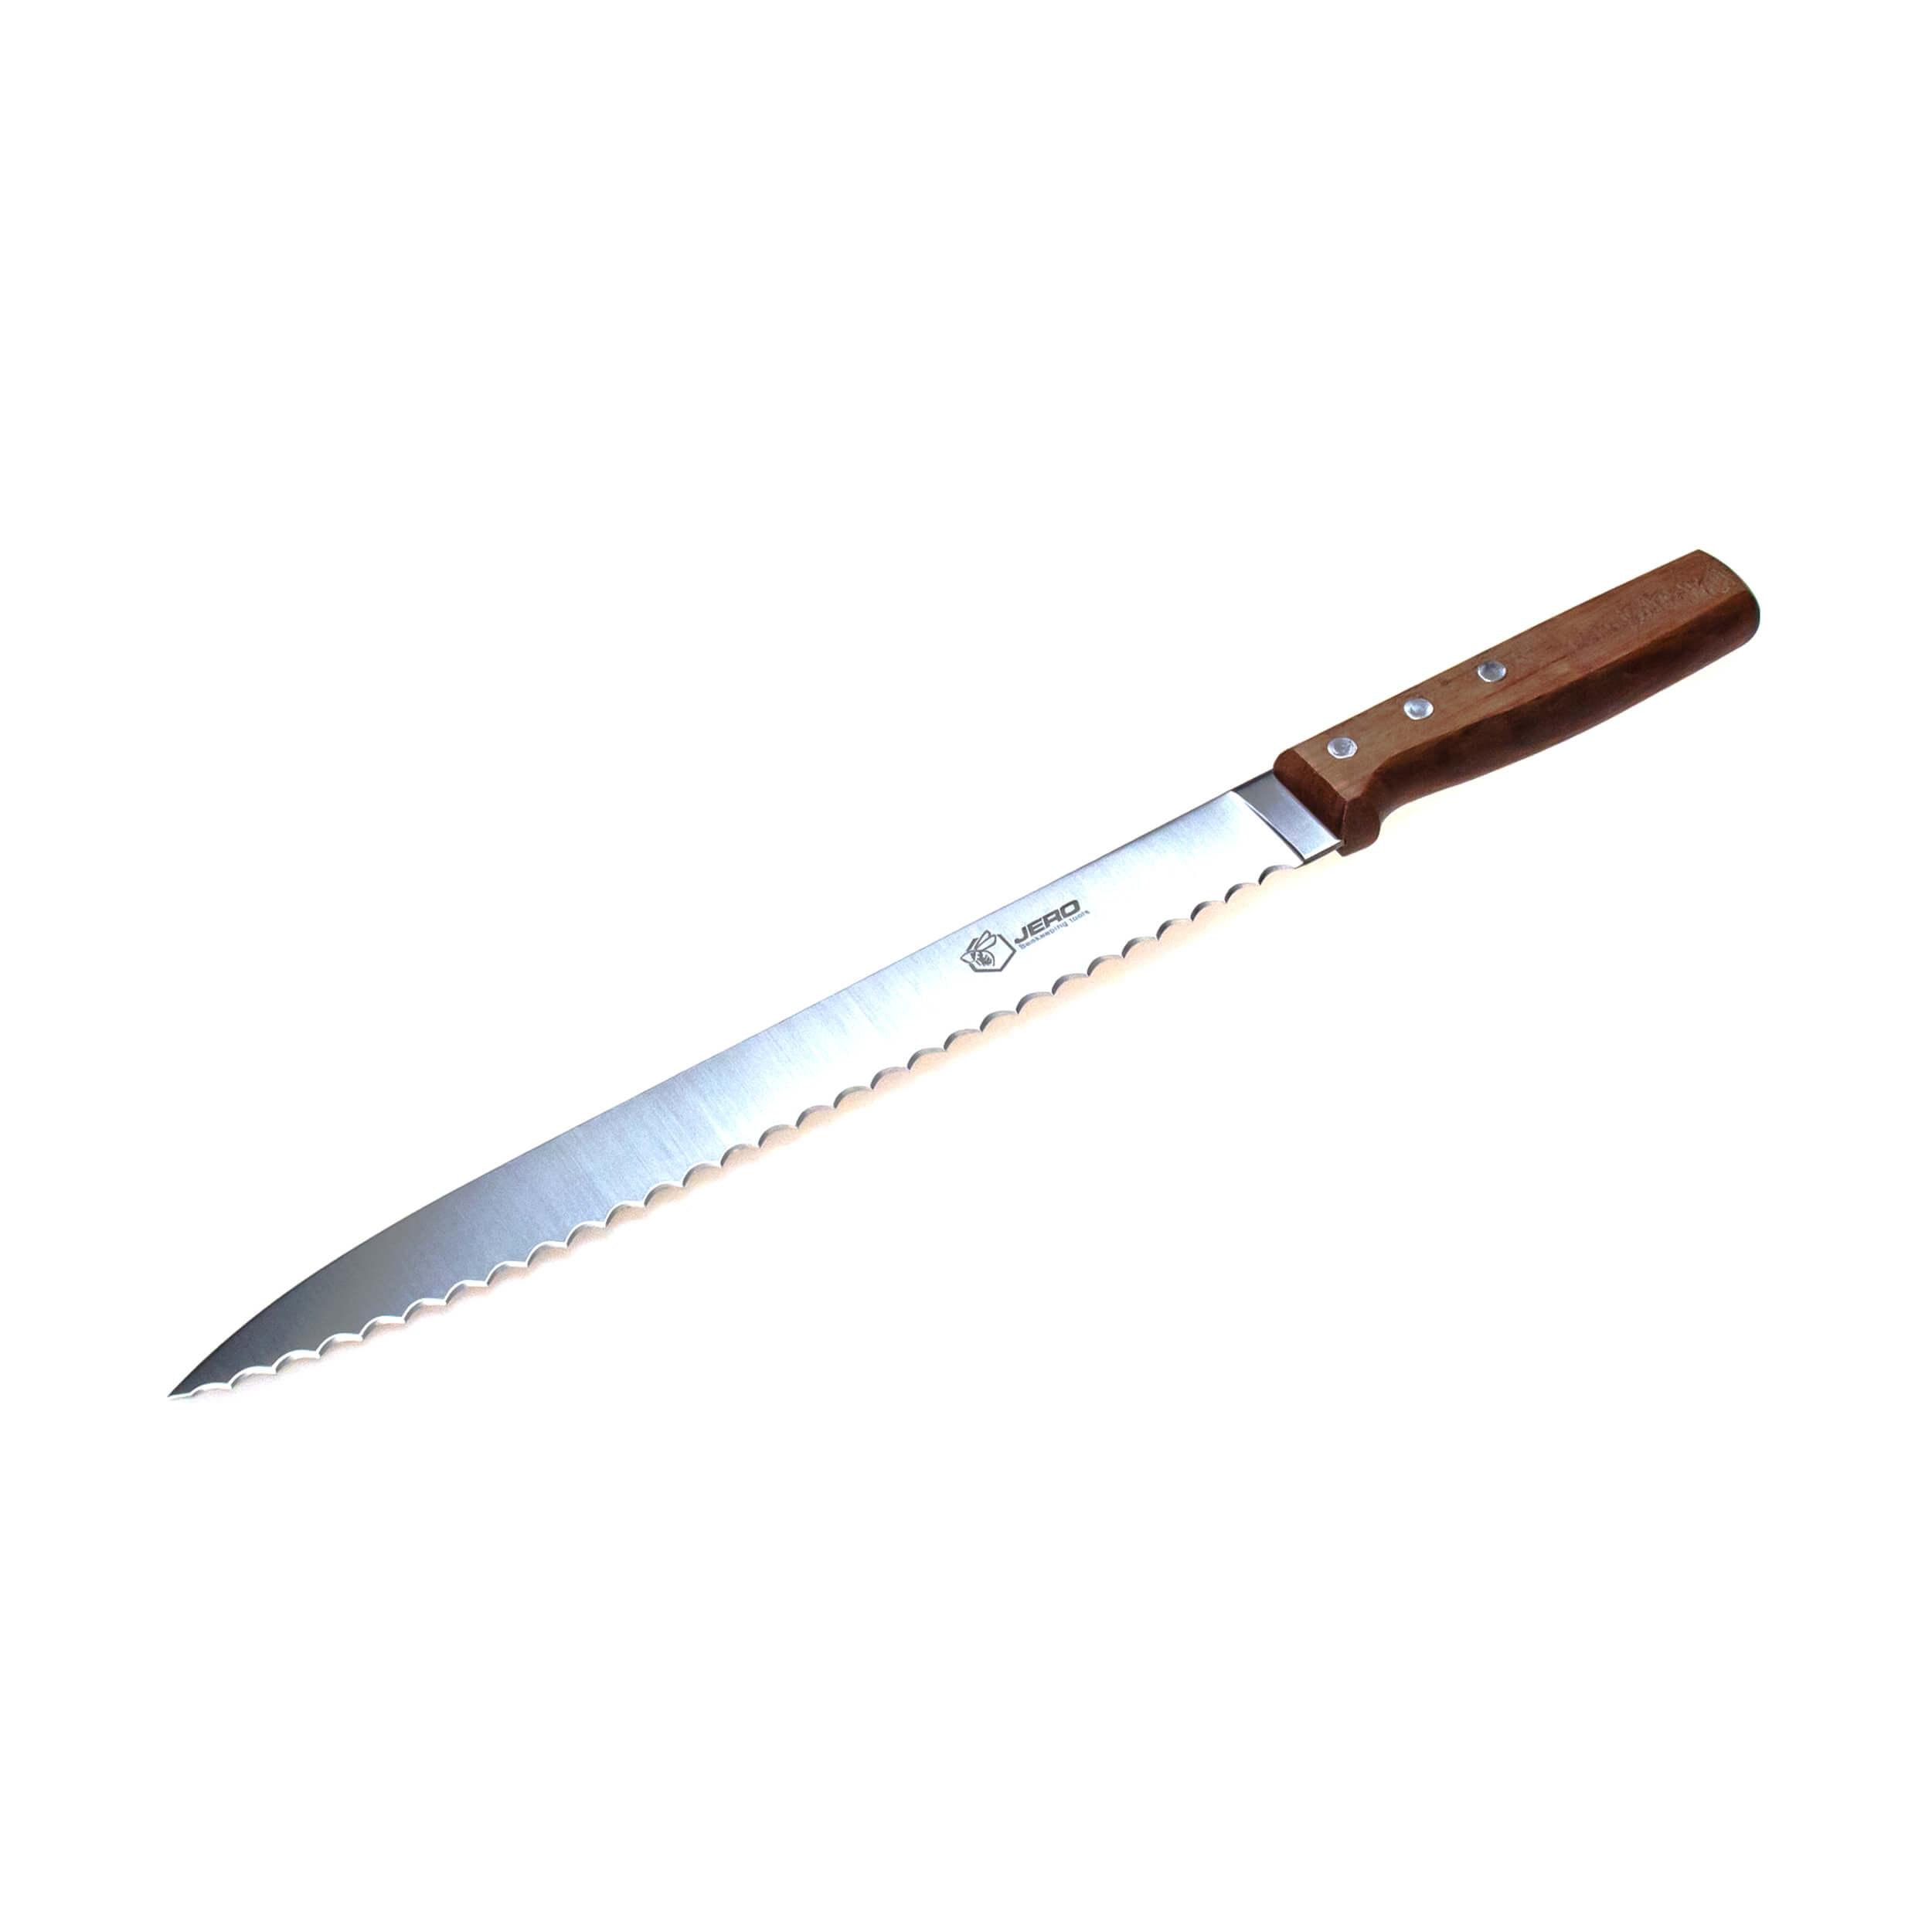 """Нож для нарезки сотового мёда """"Jero"""" (С1- 280 нержавейка с деревянной ручкой) фото"""